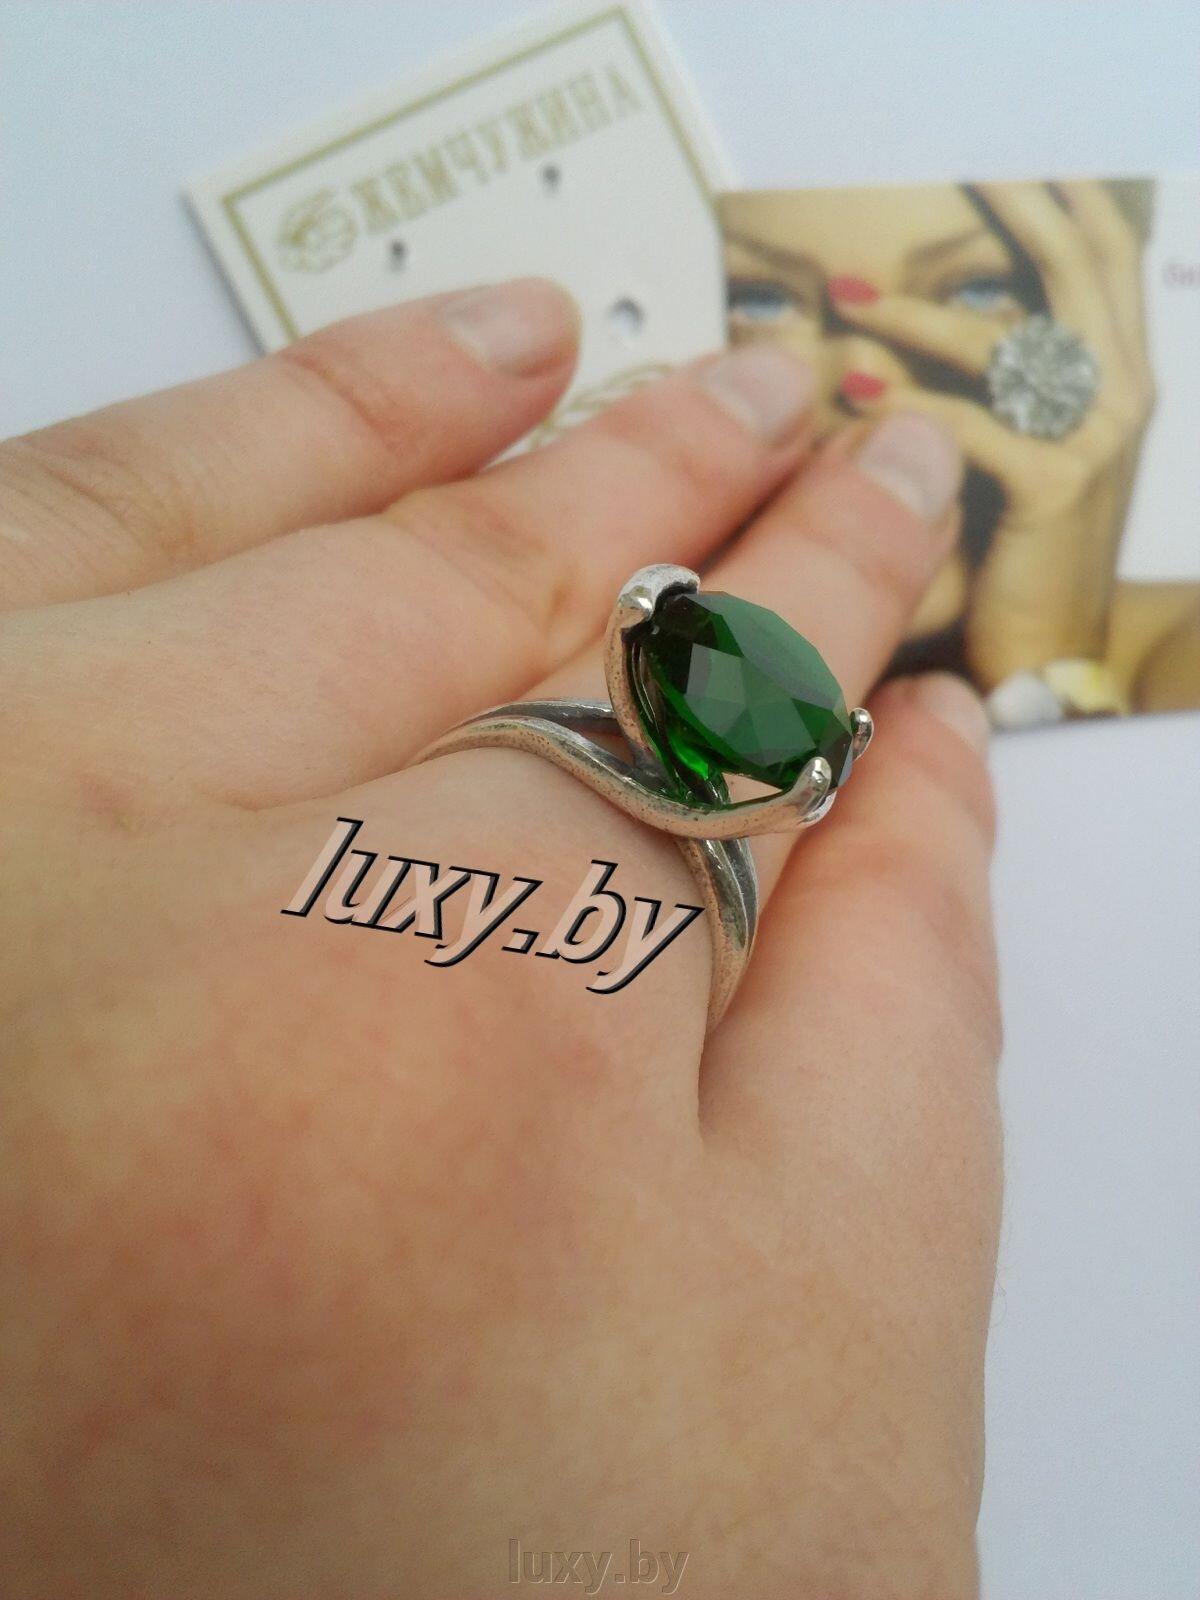 Колечко с зелёным фианитом, серебрение., арт. Г-30-1 - фото pic_6b8062807a482cf_1920x9000_1.jpg